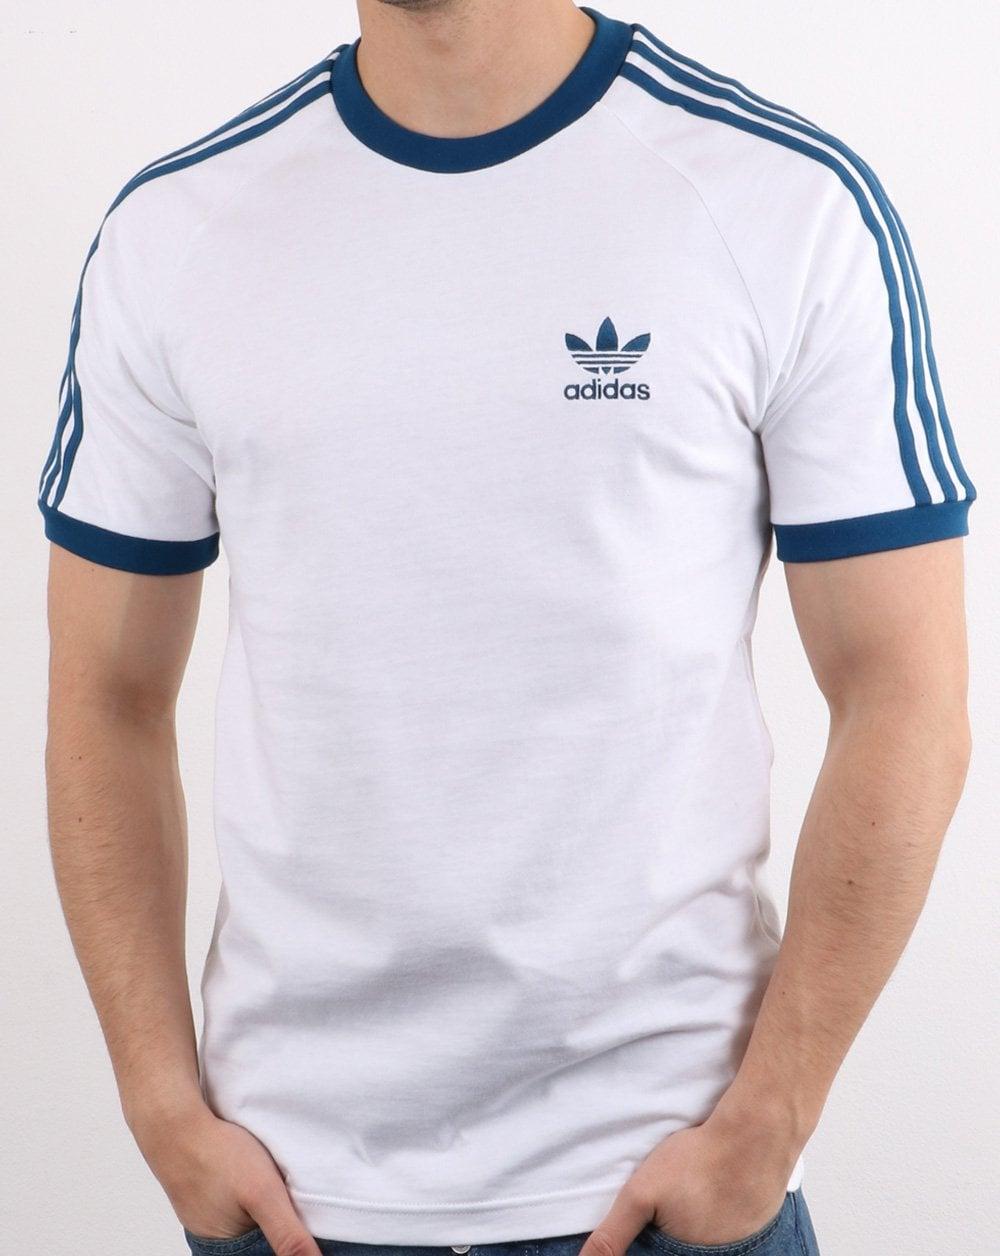 d7c82110df9a adidas Originals Adidas Originals 3 Stripes T Shirt White legend Marine